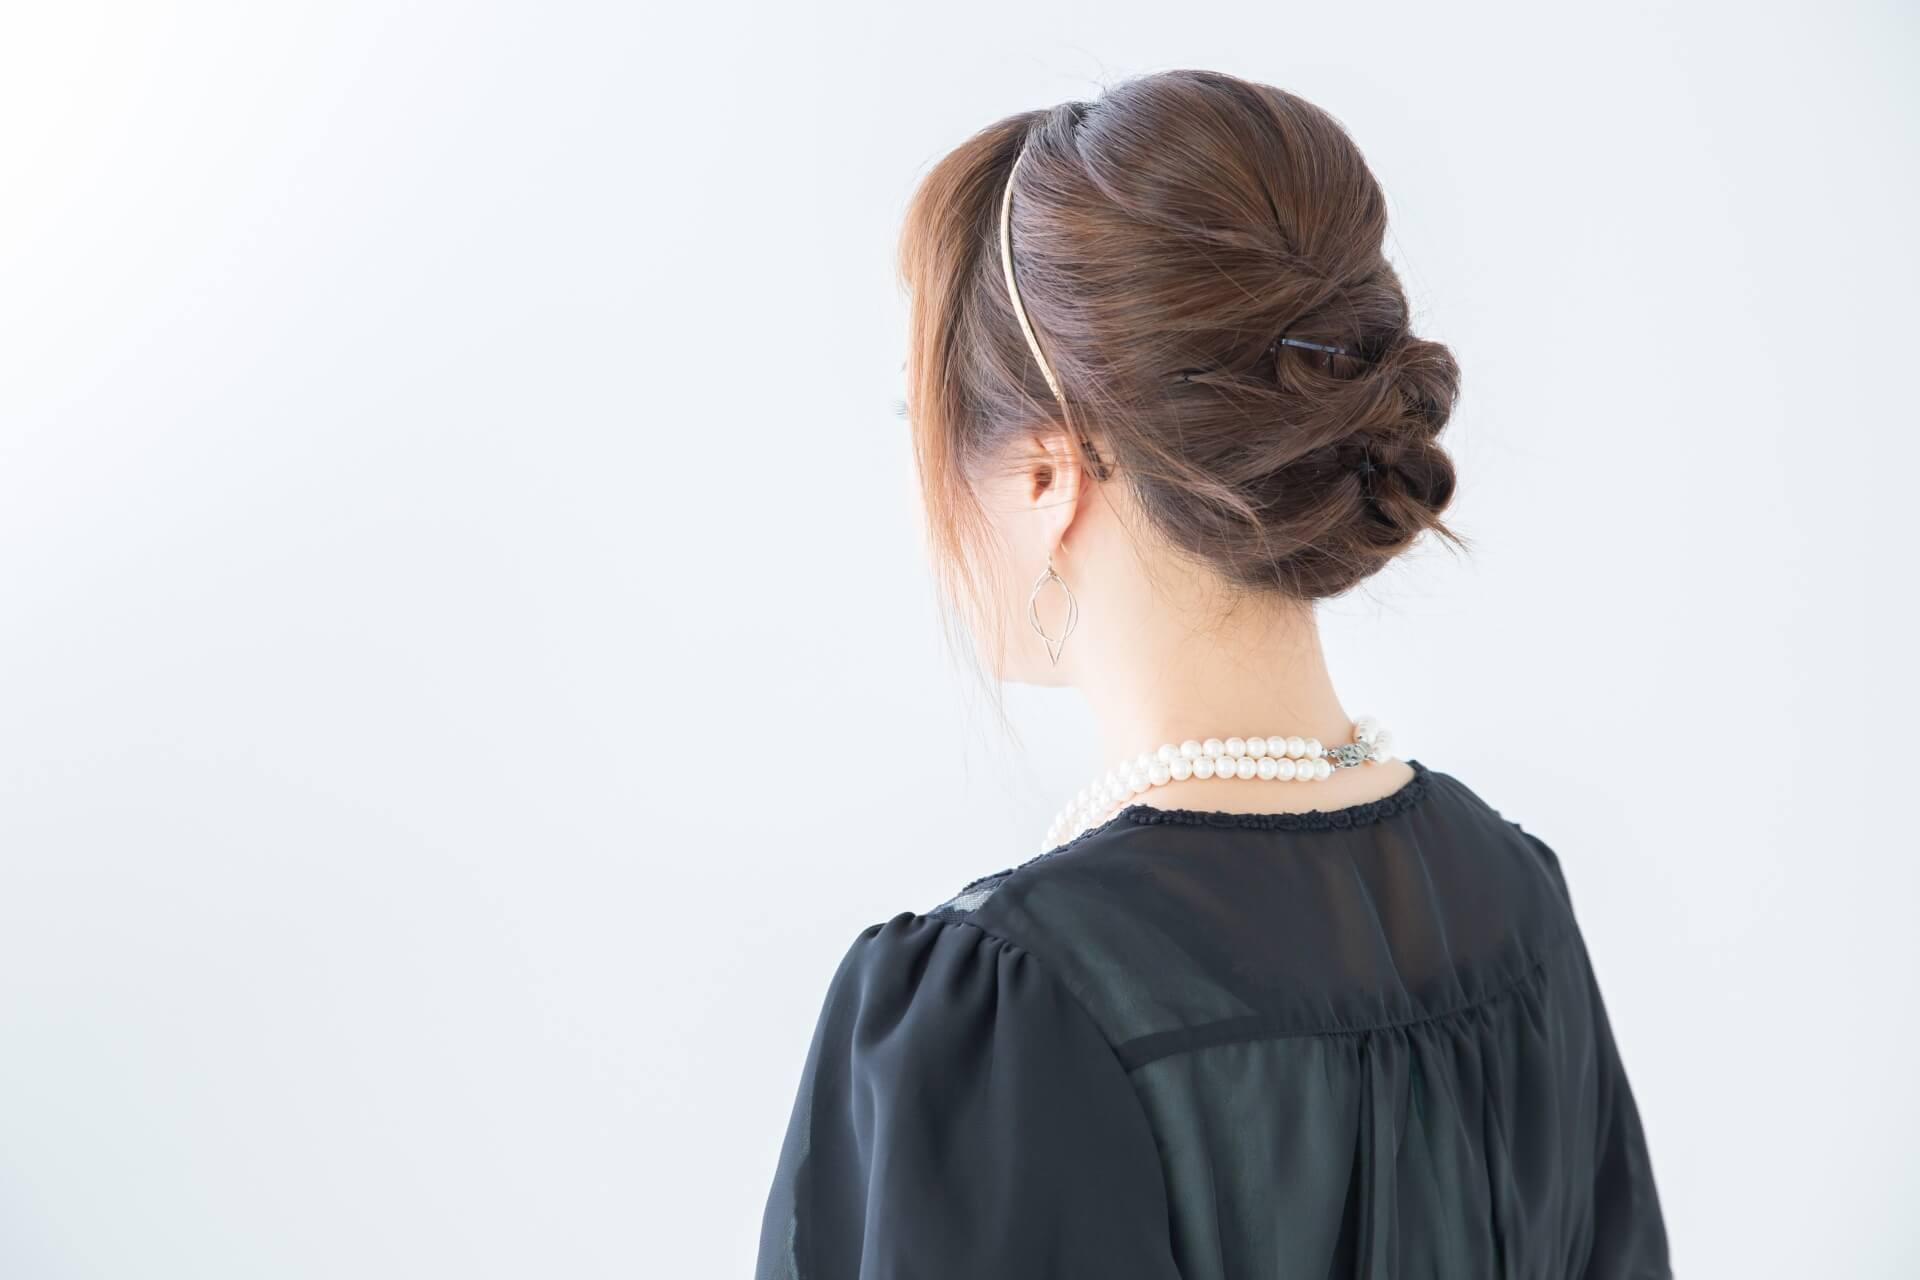 パーティーの時におすすめのヘアスタイル